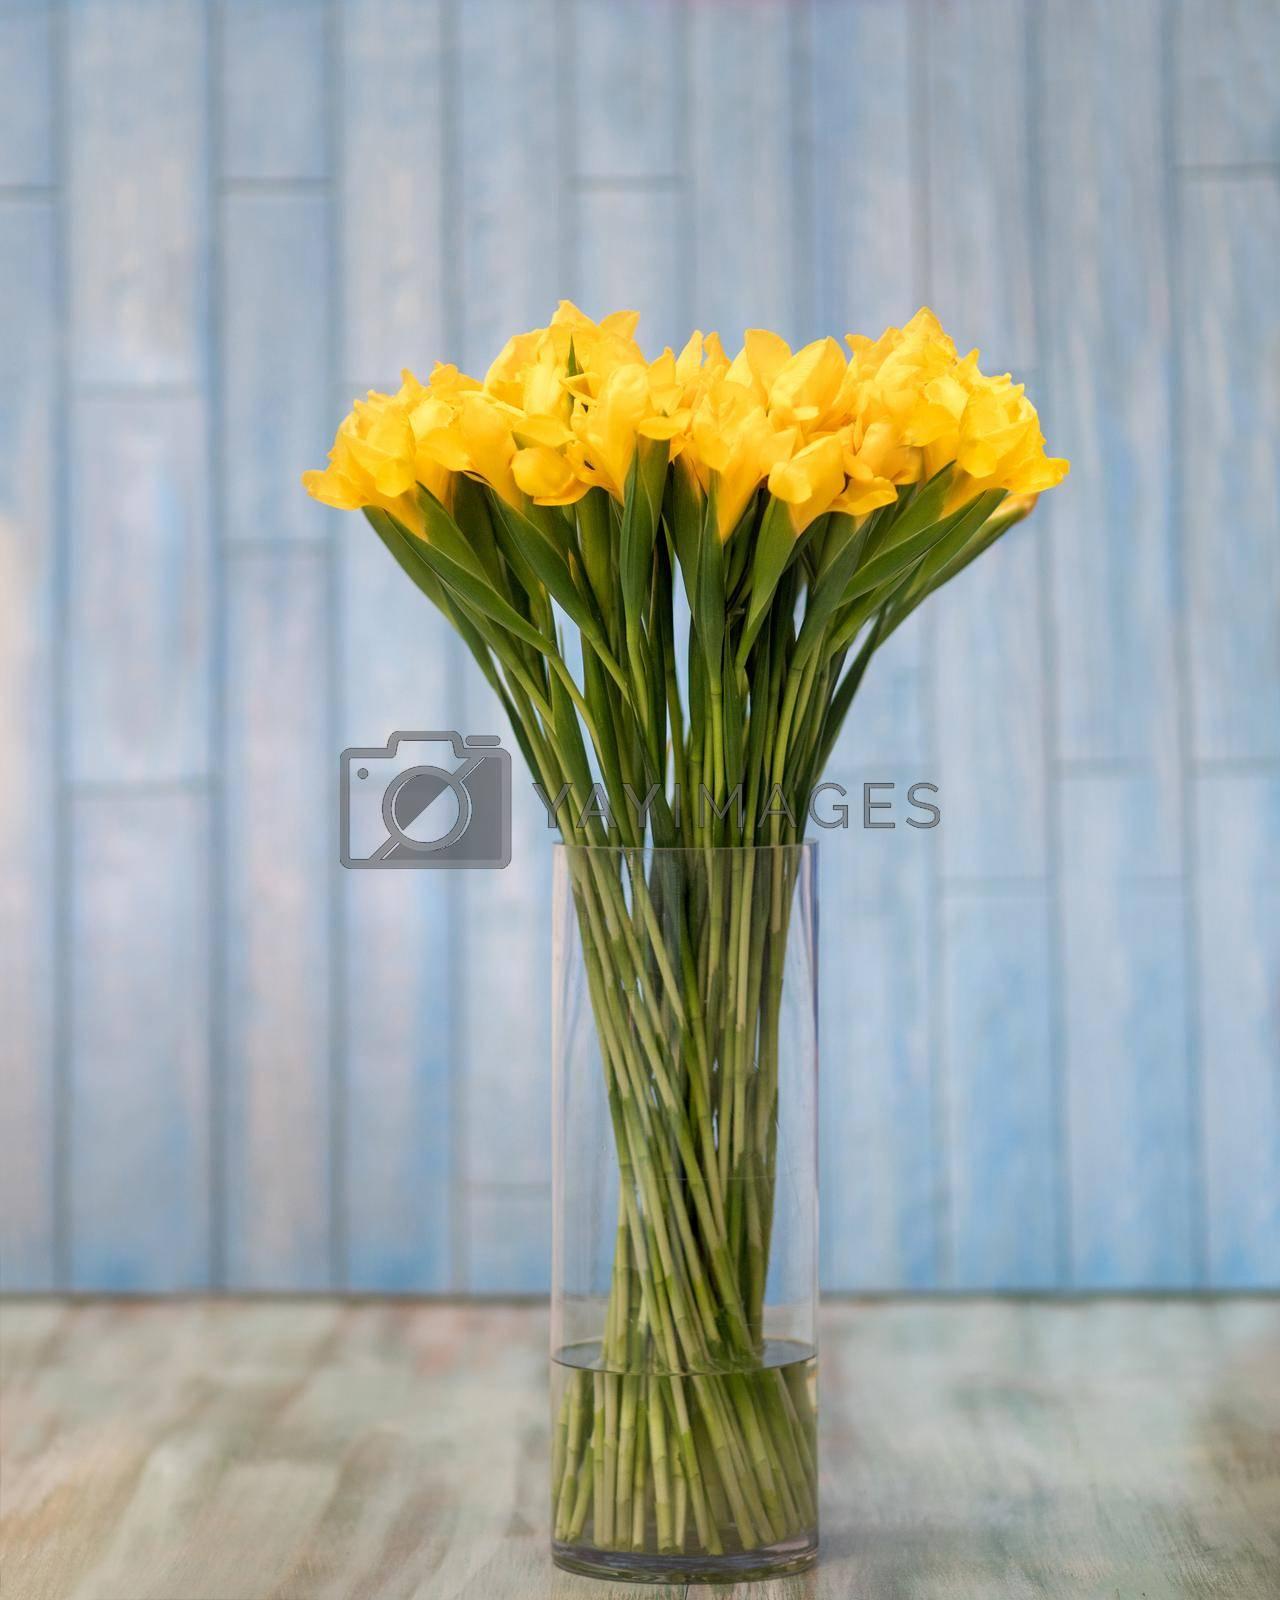 Yellow Dutch Iris Golden Beauty flower